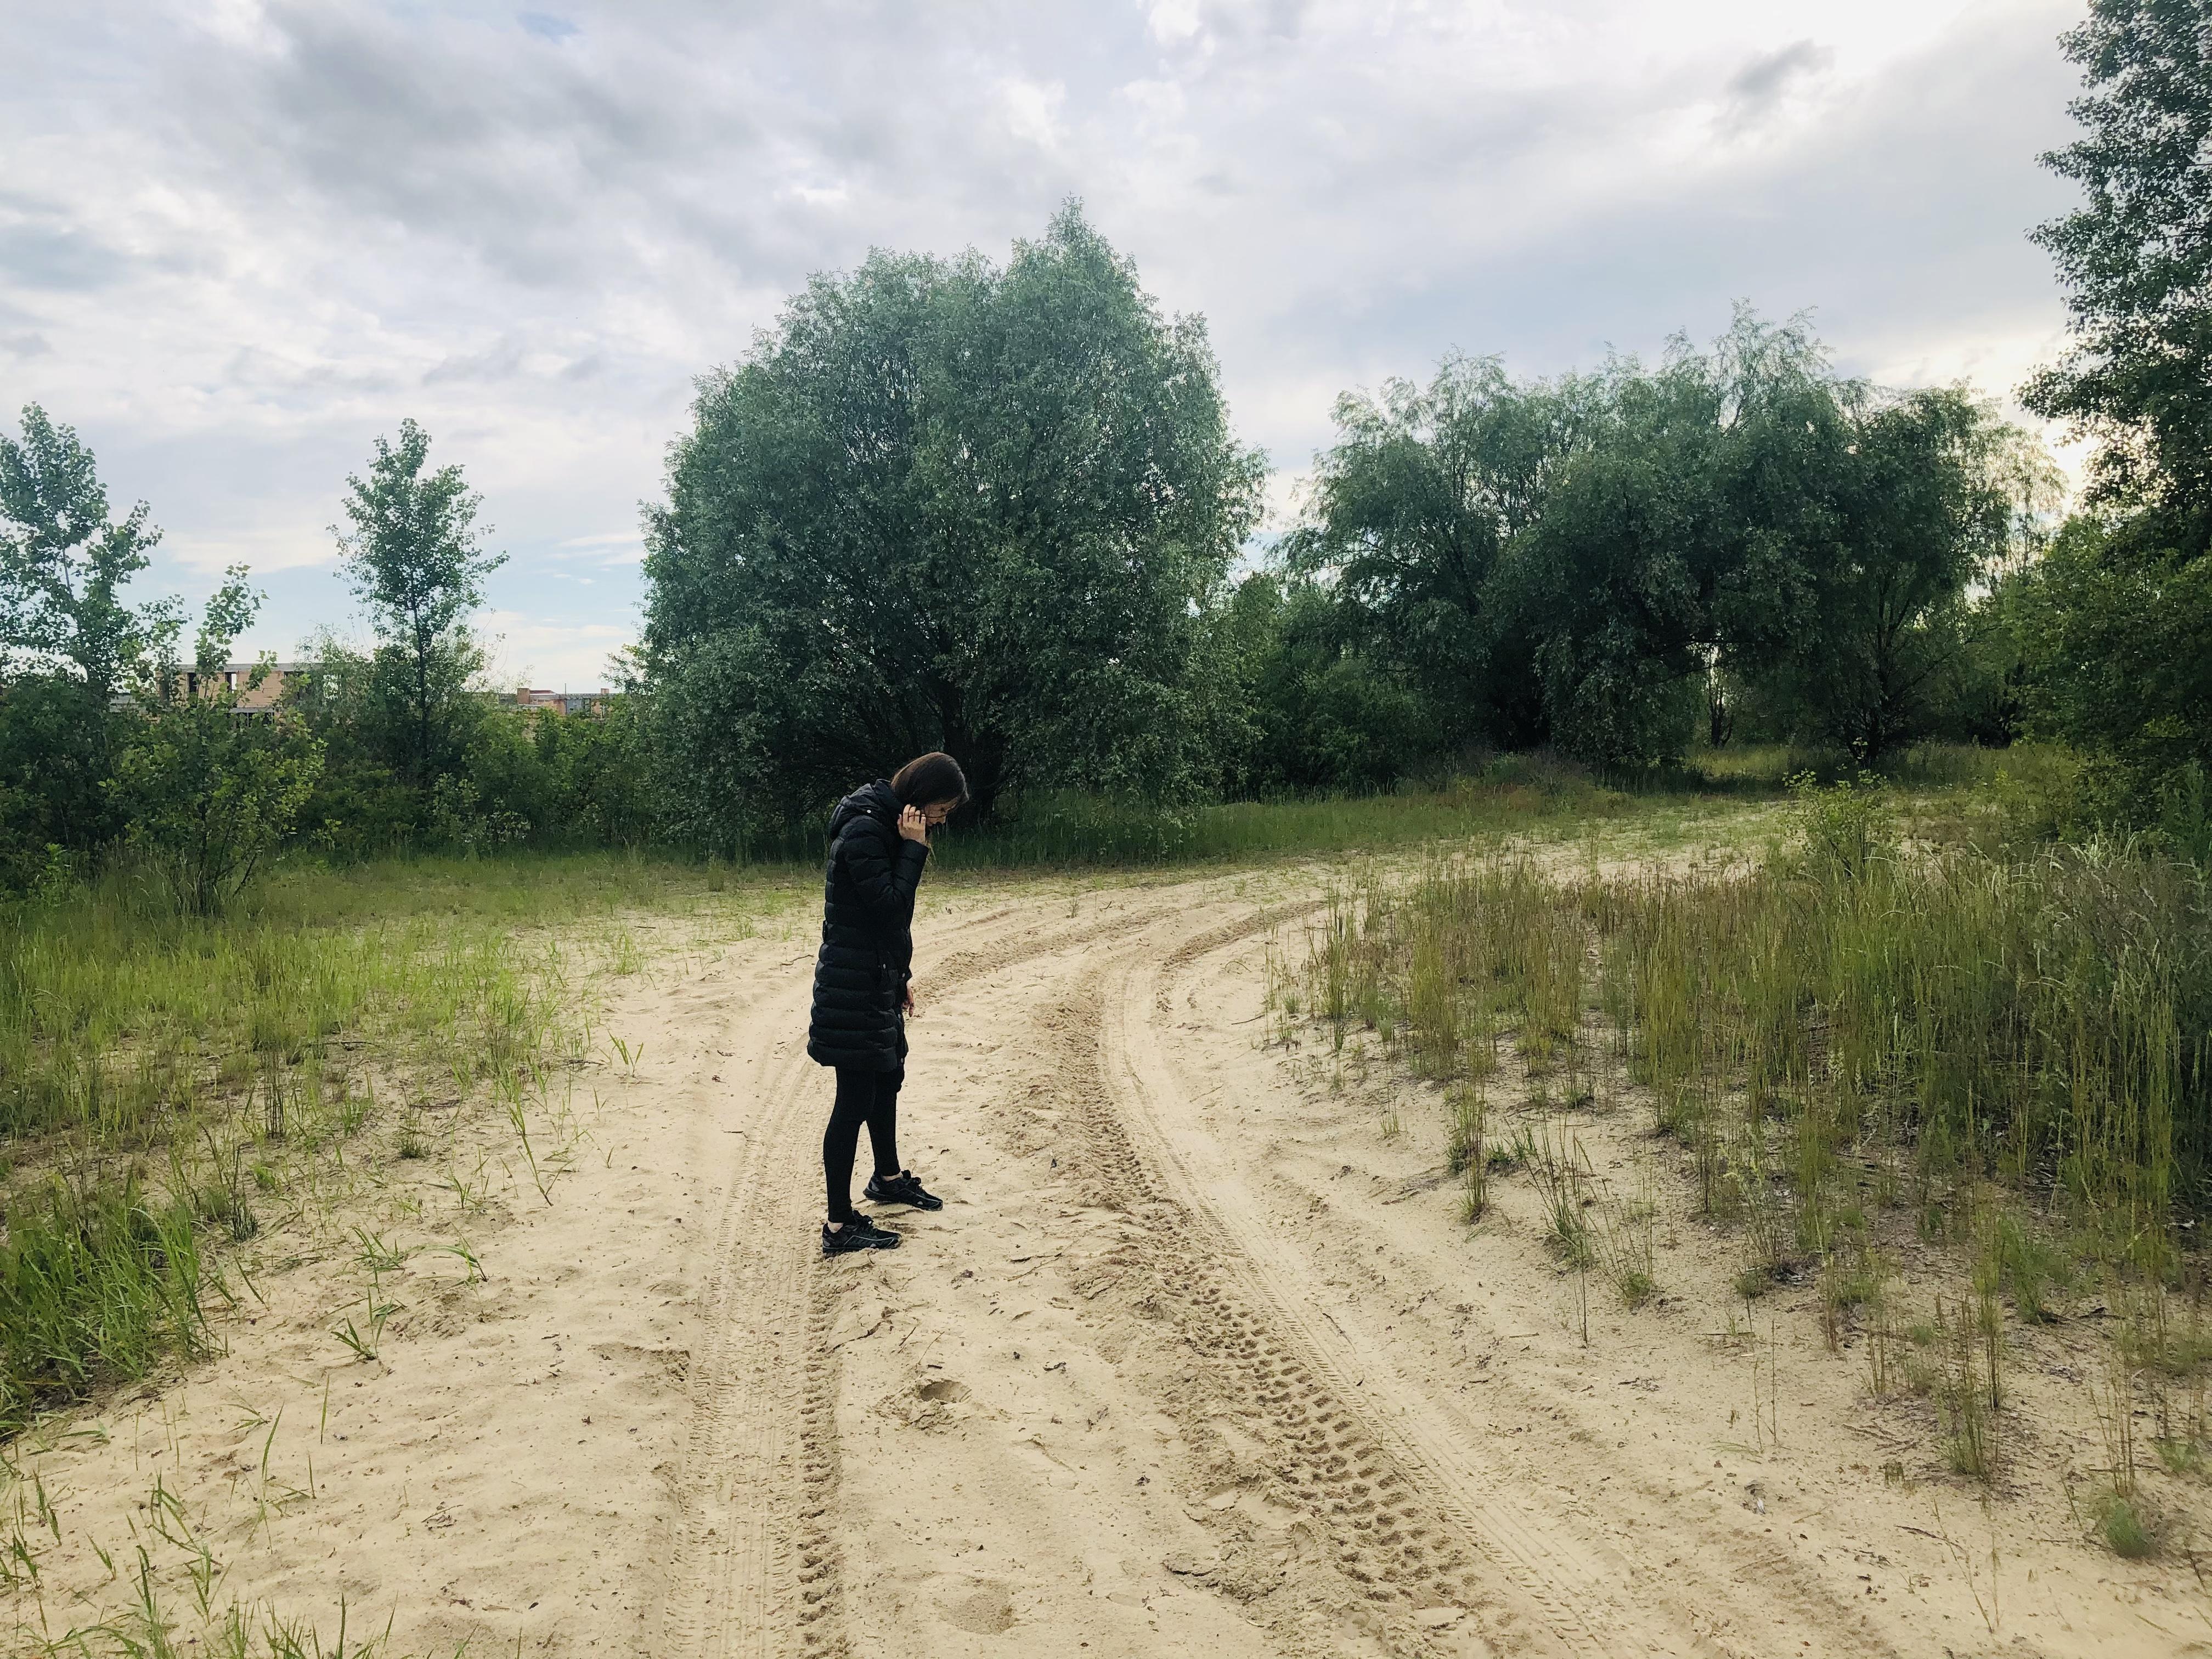 Про позволение себе быть, про следы - психолог Диана Сушко